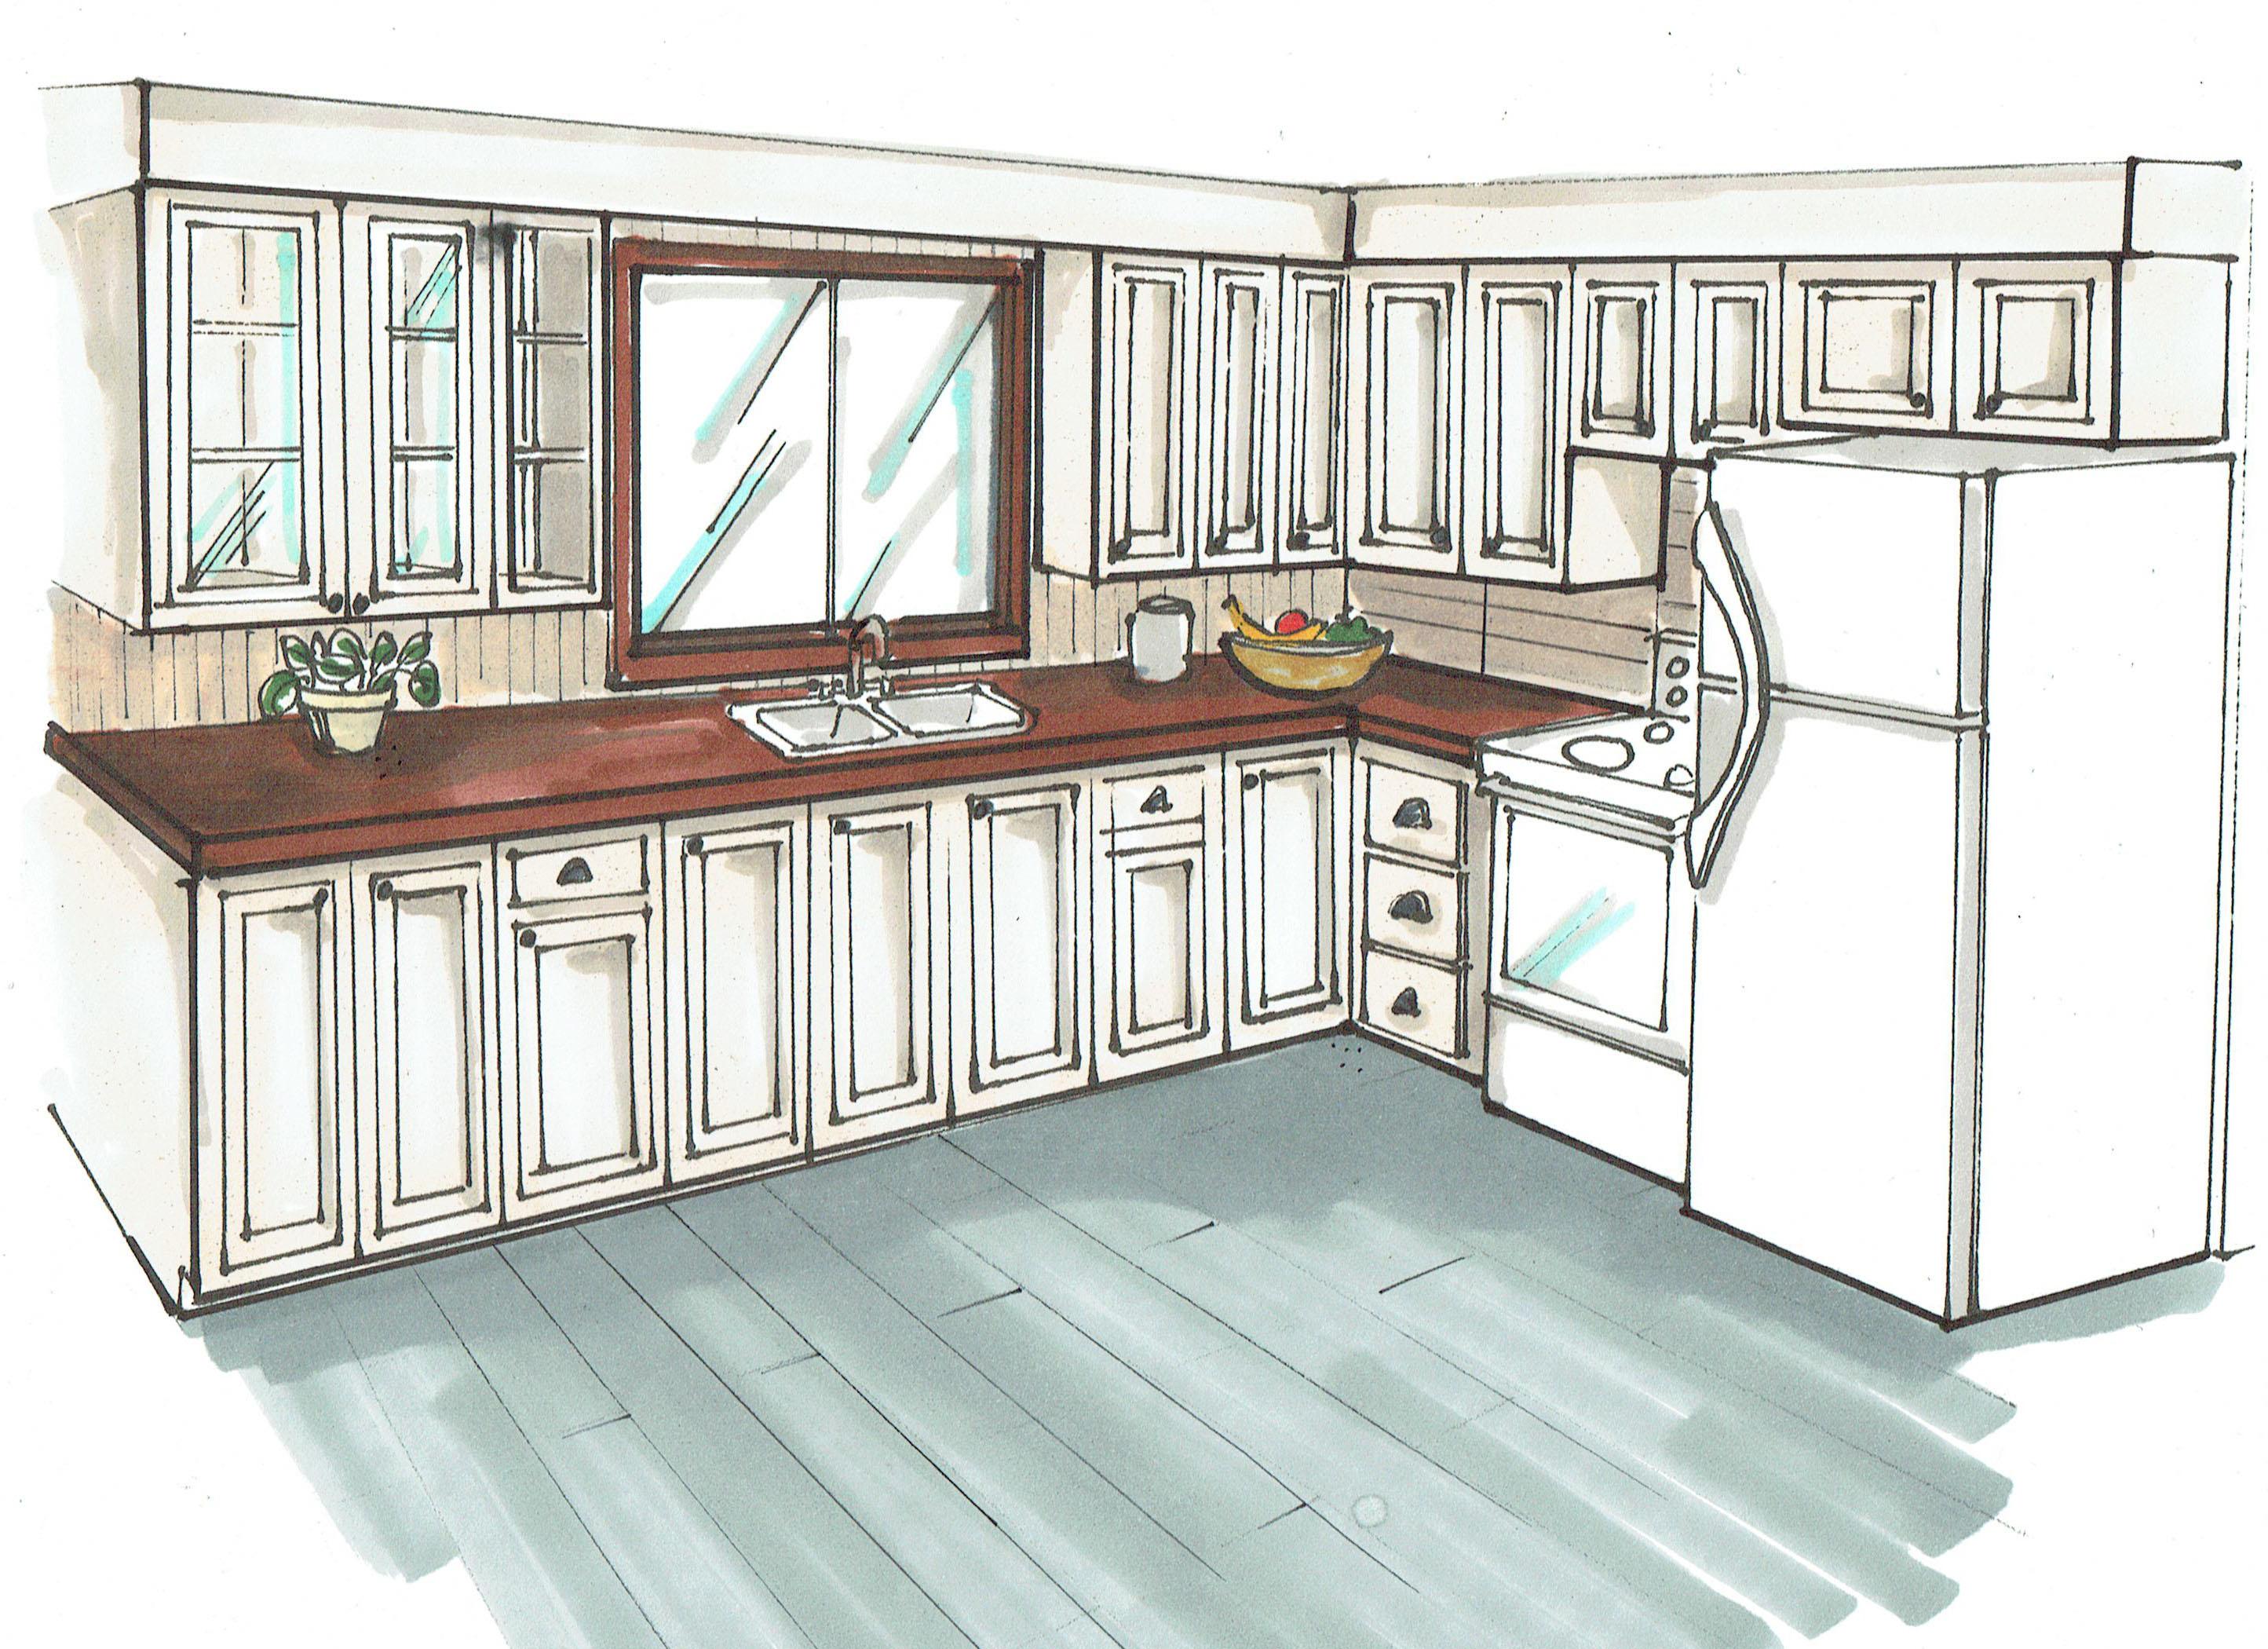 perspective cuisine with dessiner en perspective une cuisine with dessin cuisine perspective. Black Bedroom Furniture Sets. Home Design Ideas